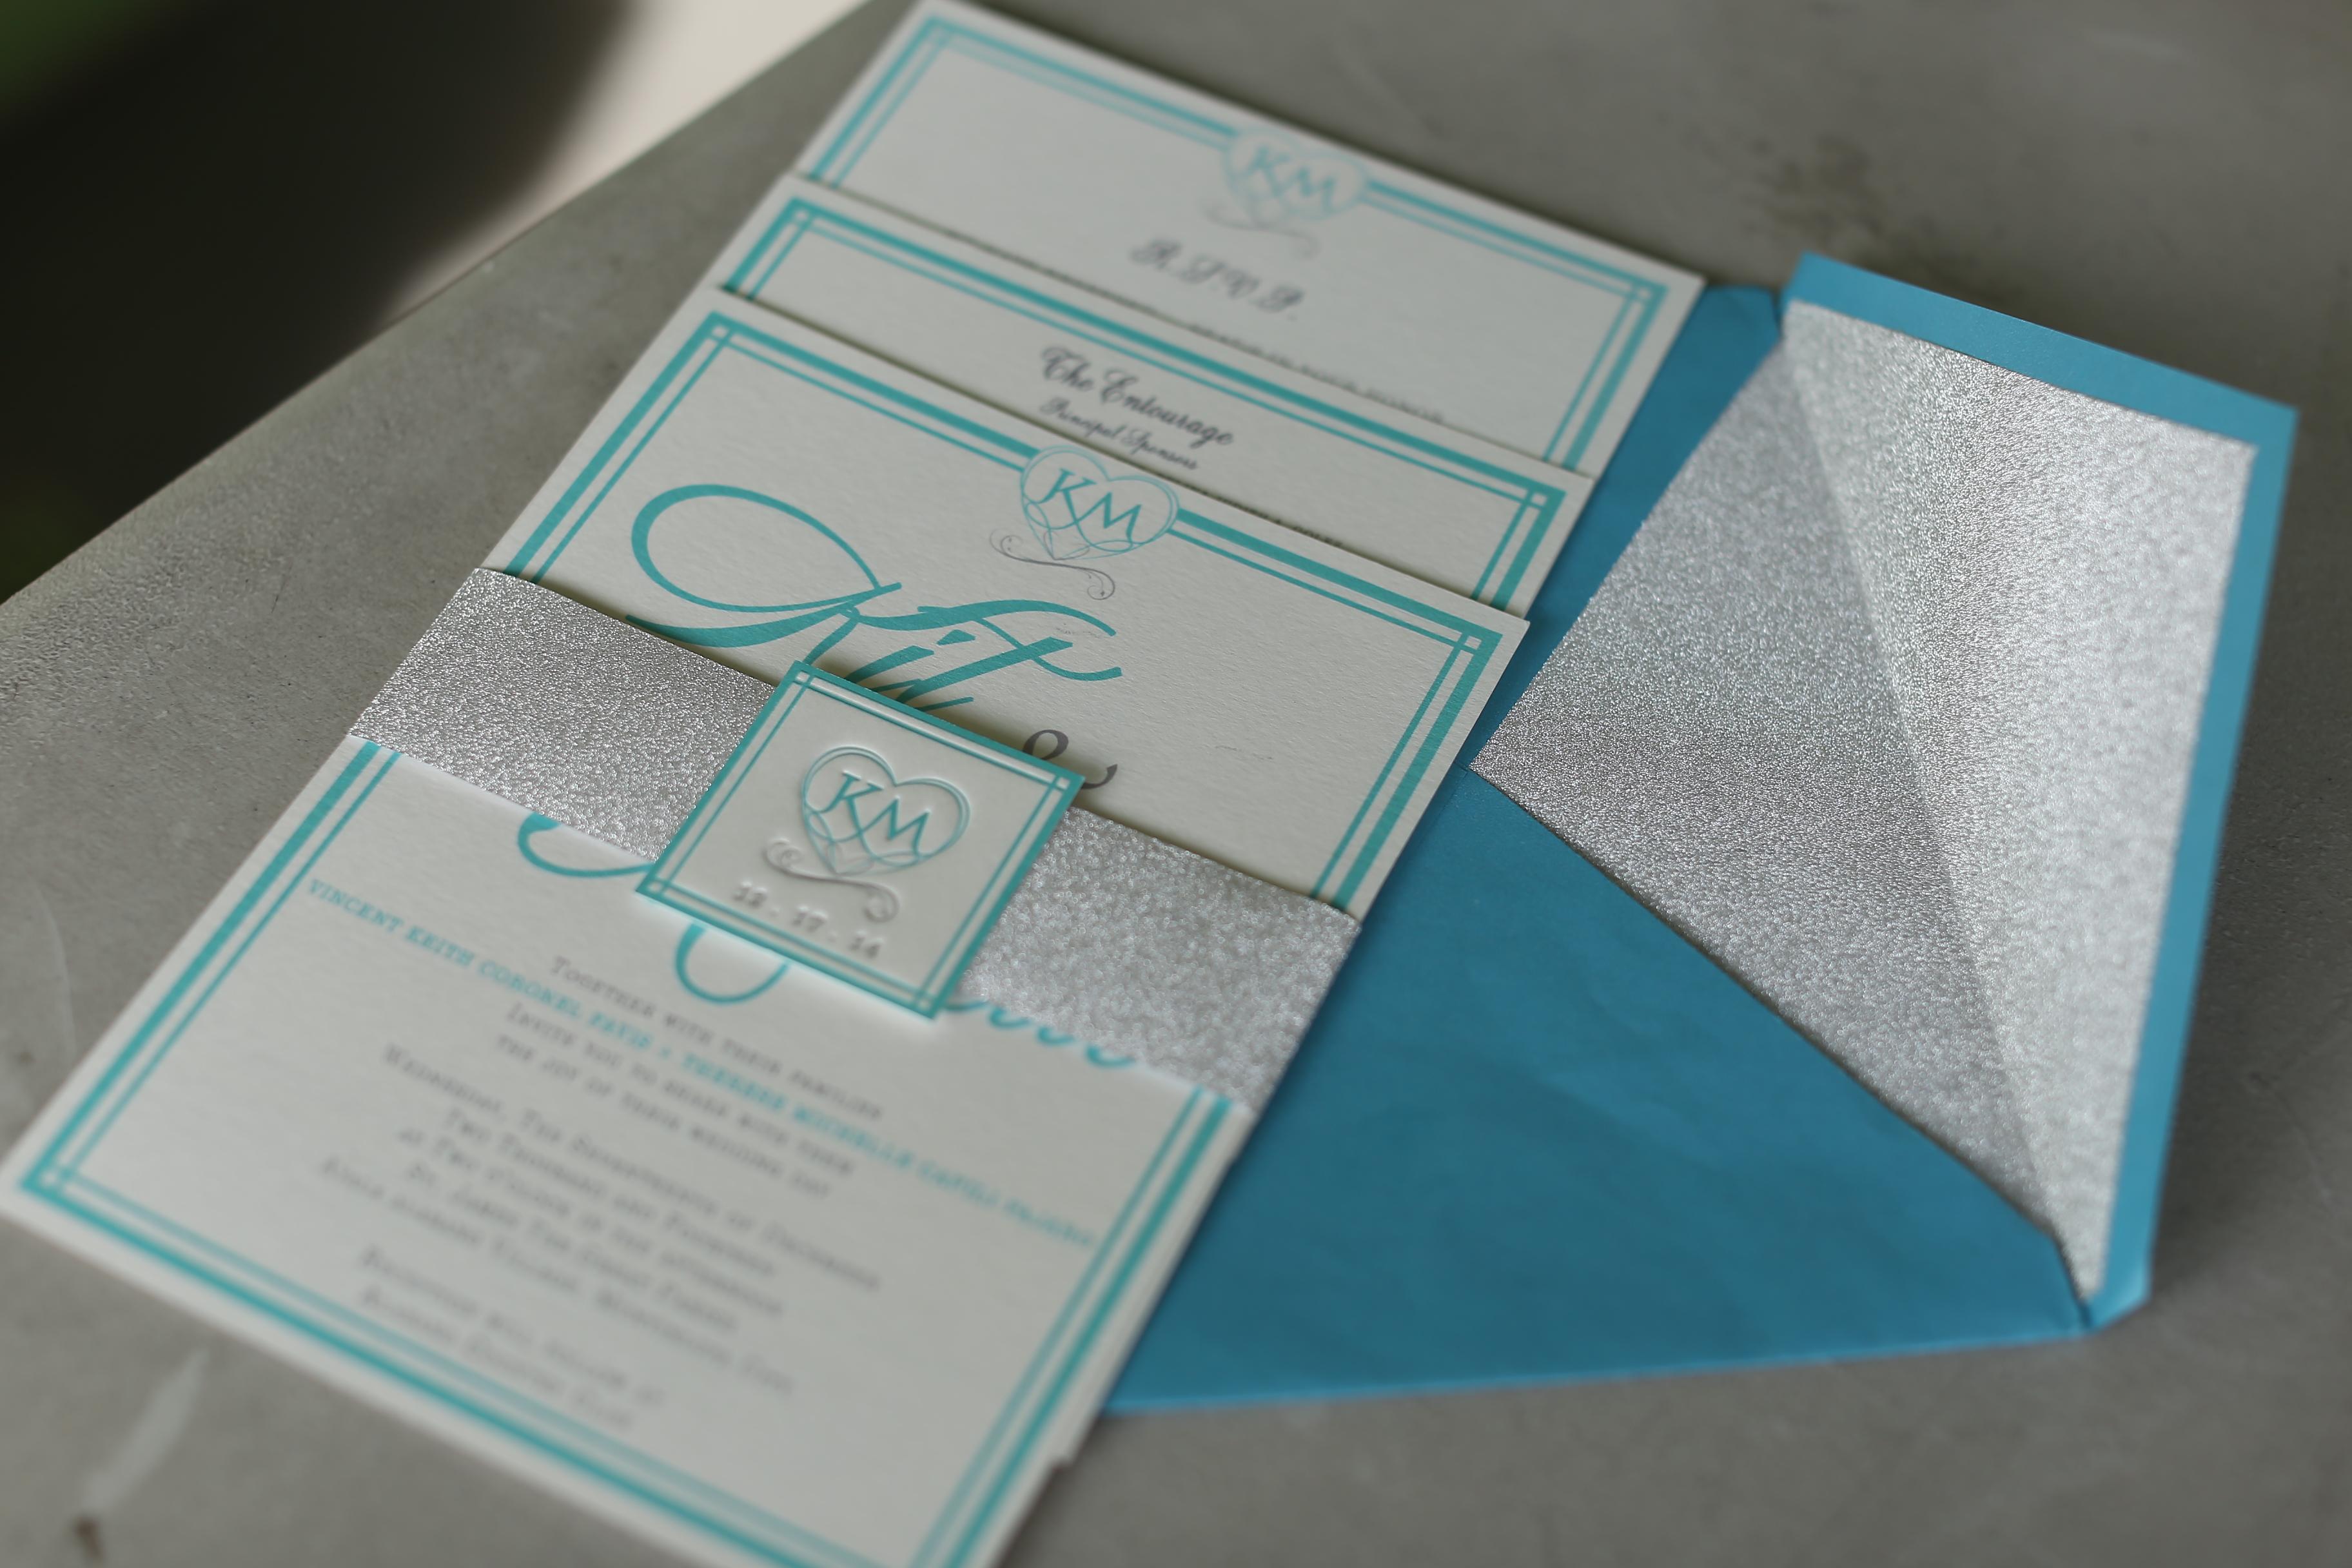 Invitation designs by kenneth uy wedding invitations in metro invitation designs by kenneth uy wedding invitations in metro manila bridestory stopboris Gallery